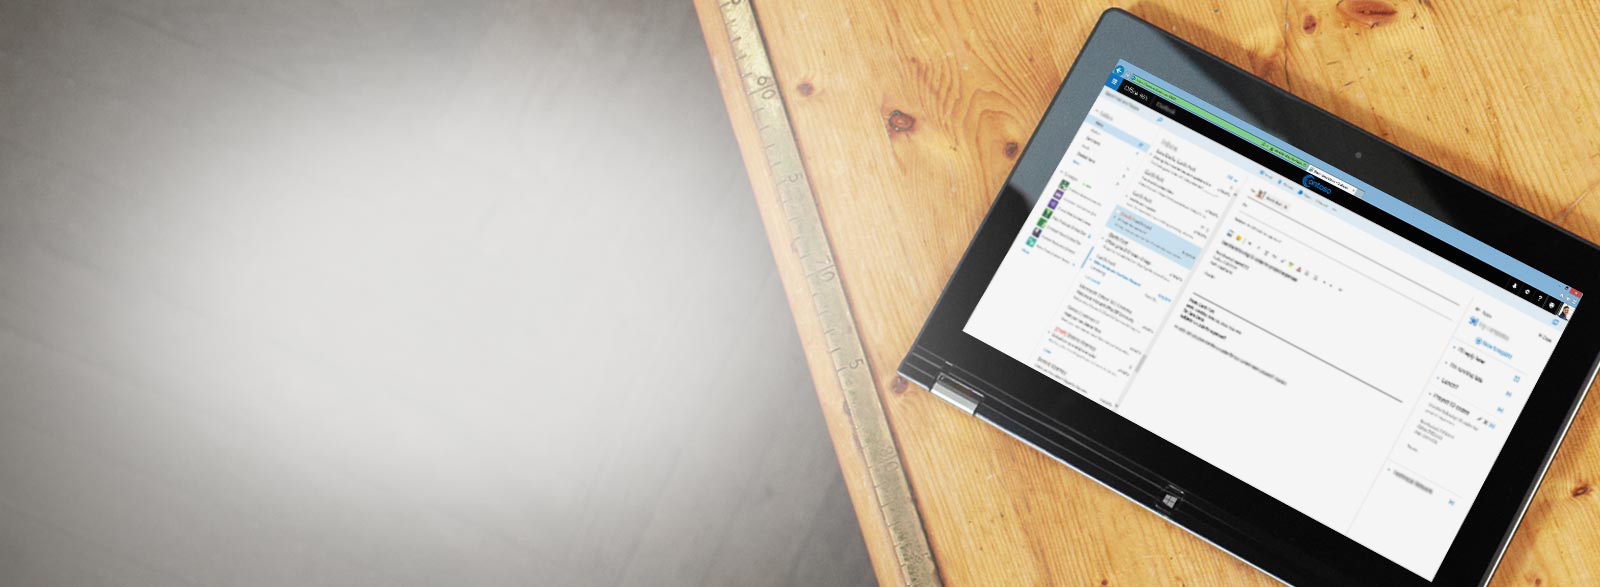 En pekplatta på ett bord – närbild på en Exchange-baserad inkorg för e-post för företag.